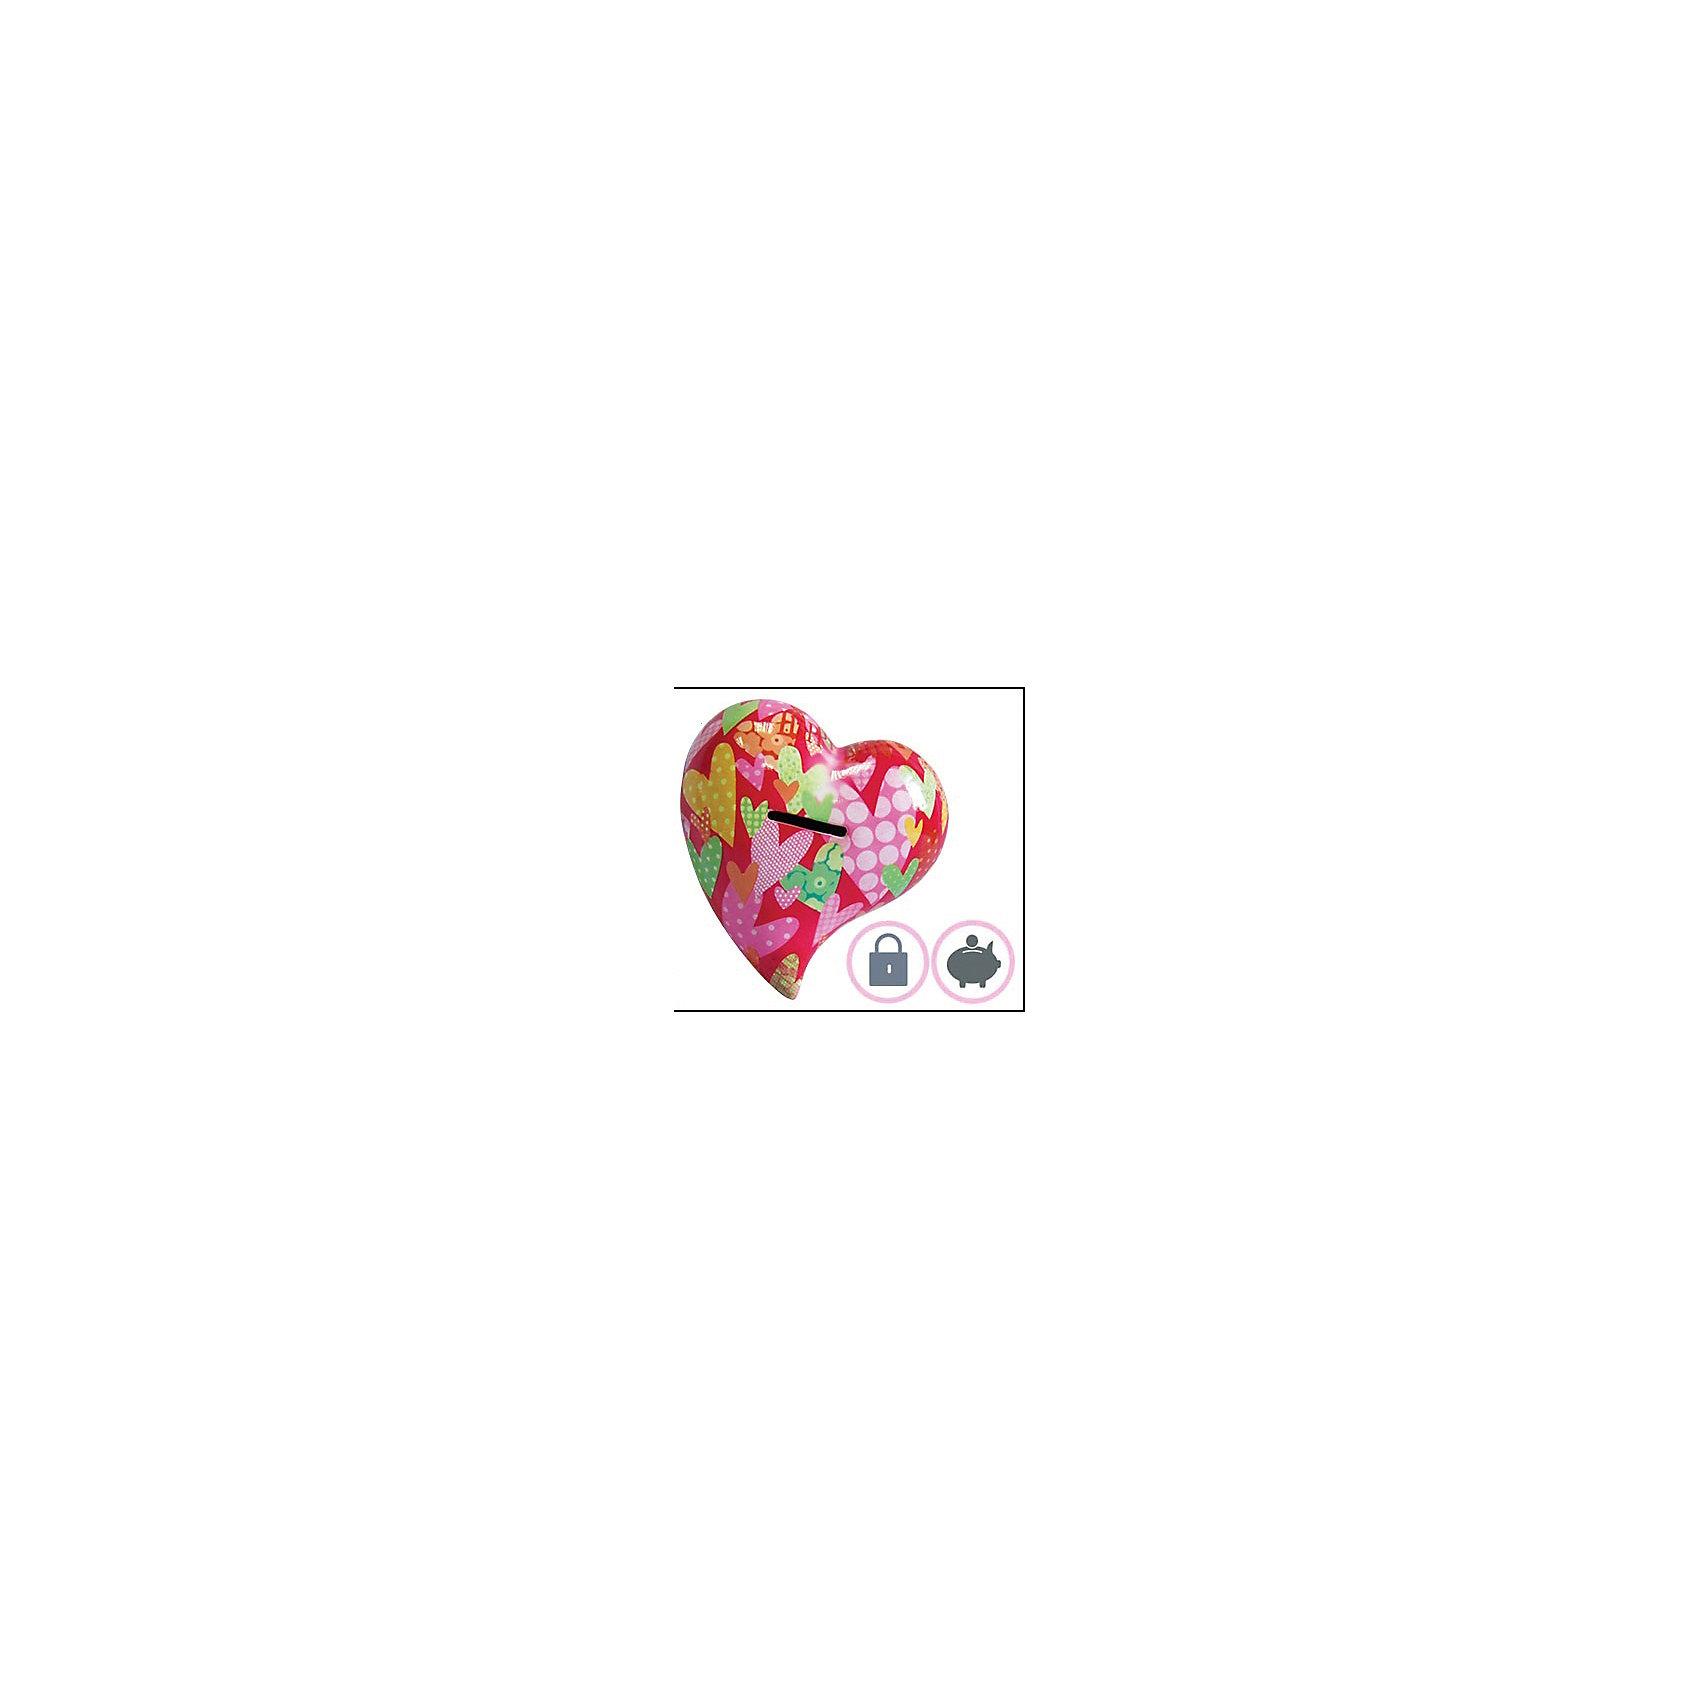 Керамическая копилка Сердце с замкомКерамическая копилка Сердце с замком станет приятным сувениром для родных и друзей. Игрушка выполнена в виде красного сердечка, украшенного нарядным рисунком в виде разнообразных сердечек. Копилка прекрасно украсит интерьер и будет напоминать о ее дарителе.<br><br>Дополнительная информация:<br><br>- Материал: керамика.<br>- Размер сувенира: 13 см.<br>- Размер упаковки: 15 х 15 х 8 см.<br>- Вес: 0,368 кг.<br><br>Керамическую копилку Сердце с замком, Премьер-игрушка, можно купить в нашем интернет-магазине.<br><br>Ширина мм: 150<br>Глубина мм: 80<br>Высота мм: 150<br>Вес г: 368<br>Возраст от месяцев: 36<br>Возраст до месяцев: 2147483647<br>Пол: Унисекс<br>Возраст: Детский<br>SKU: 4512293